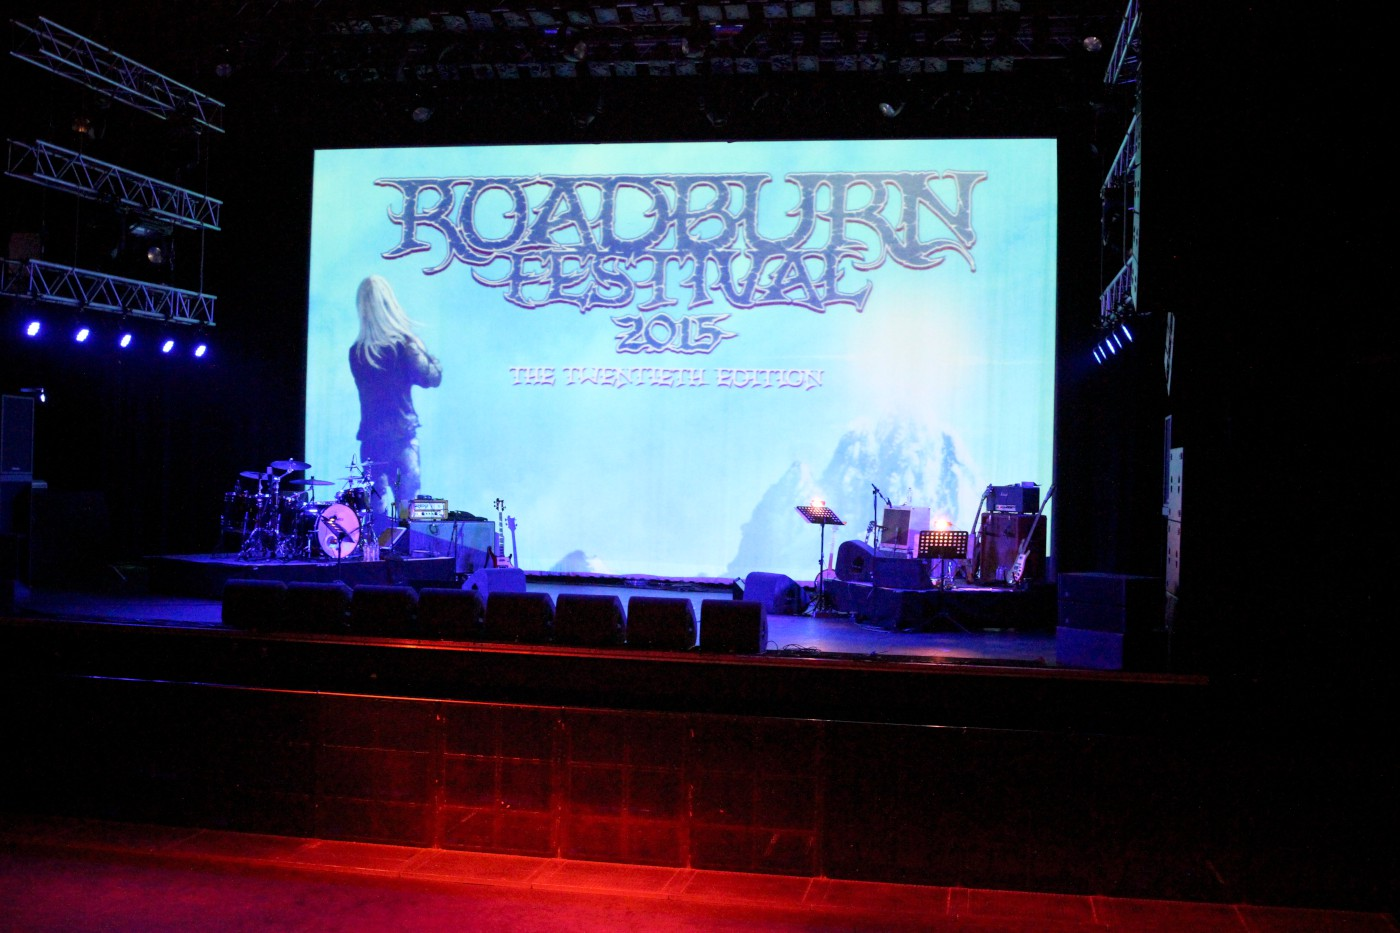 roadburn 2015 day one (Photo by JJ Koczan)